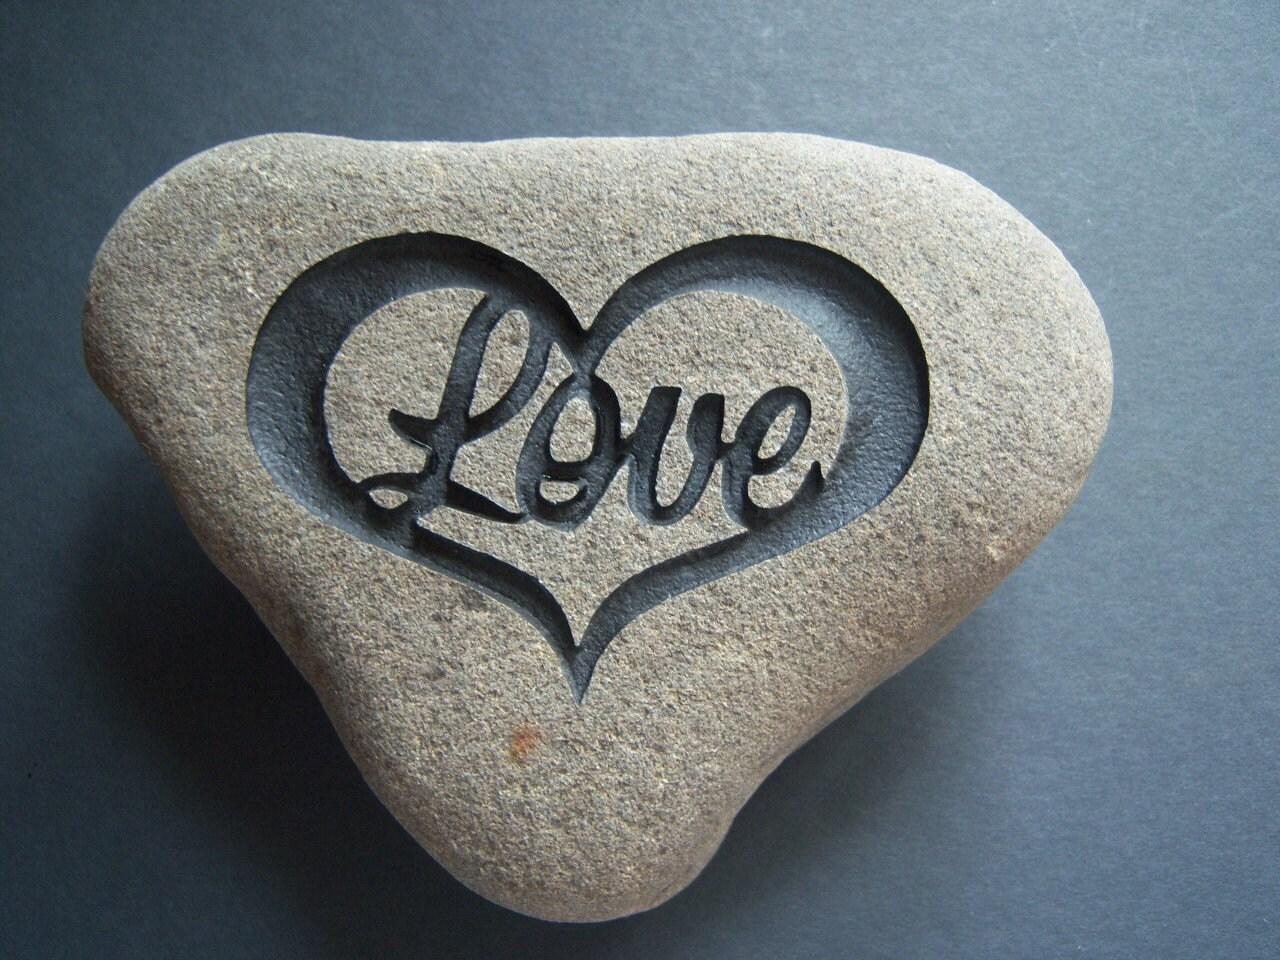 Hand Carved Rock Shaped Like A Heart